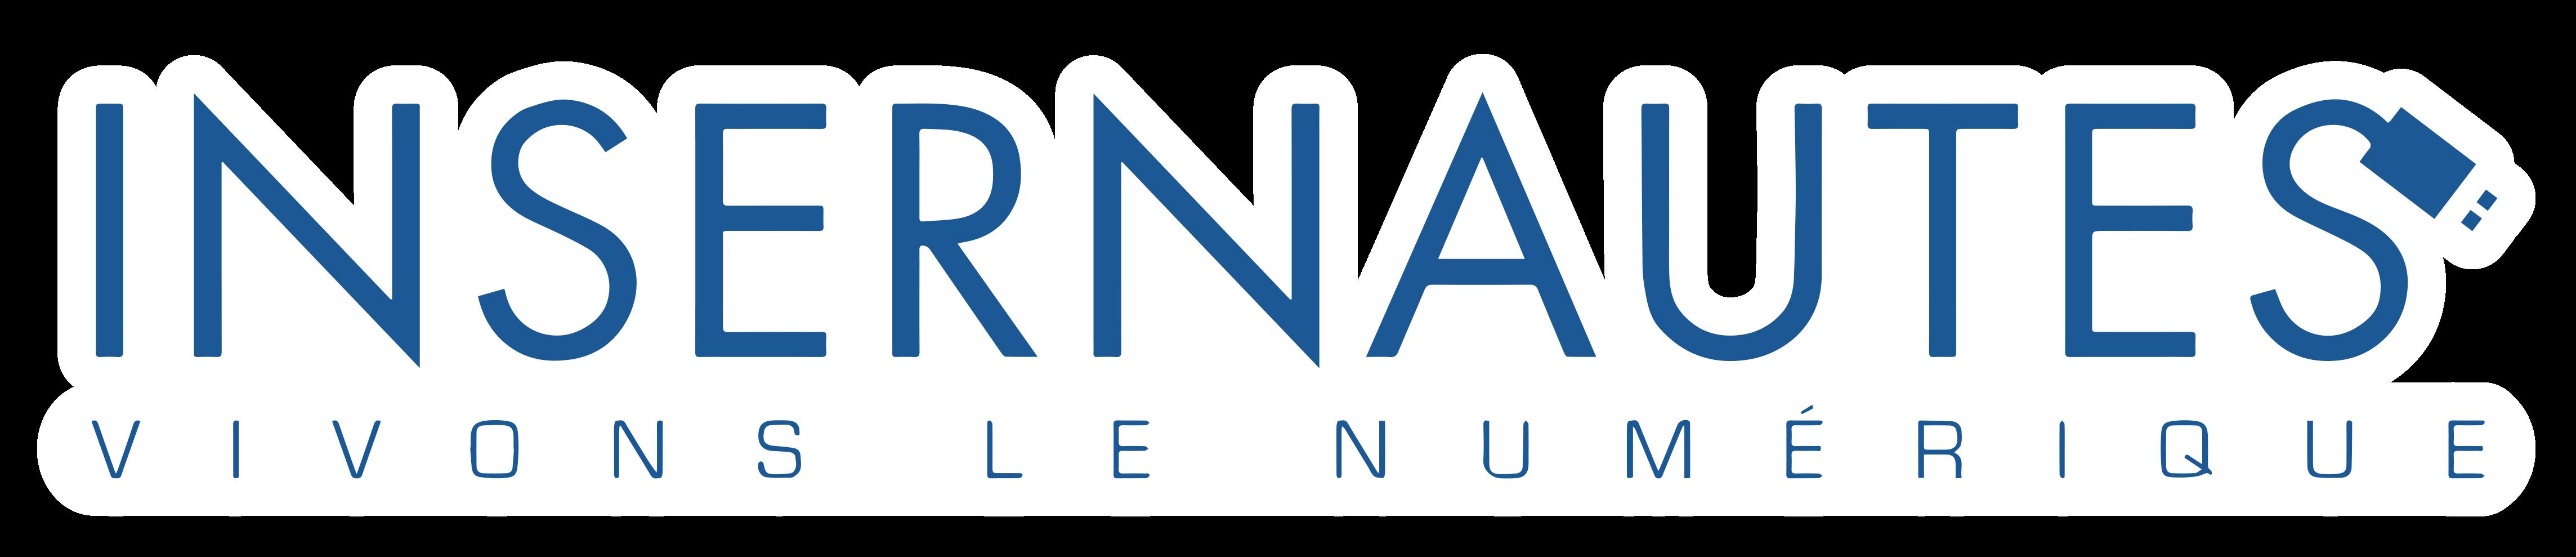 INSERNAUTES recrute pour la session d'avril 2019